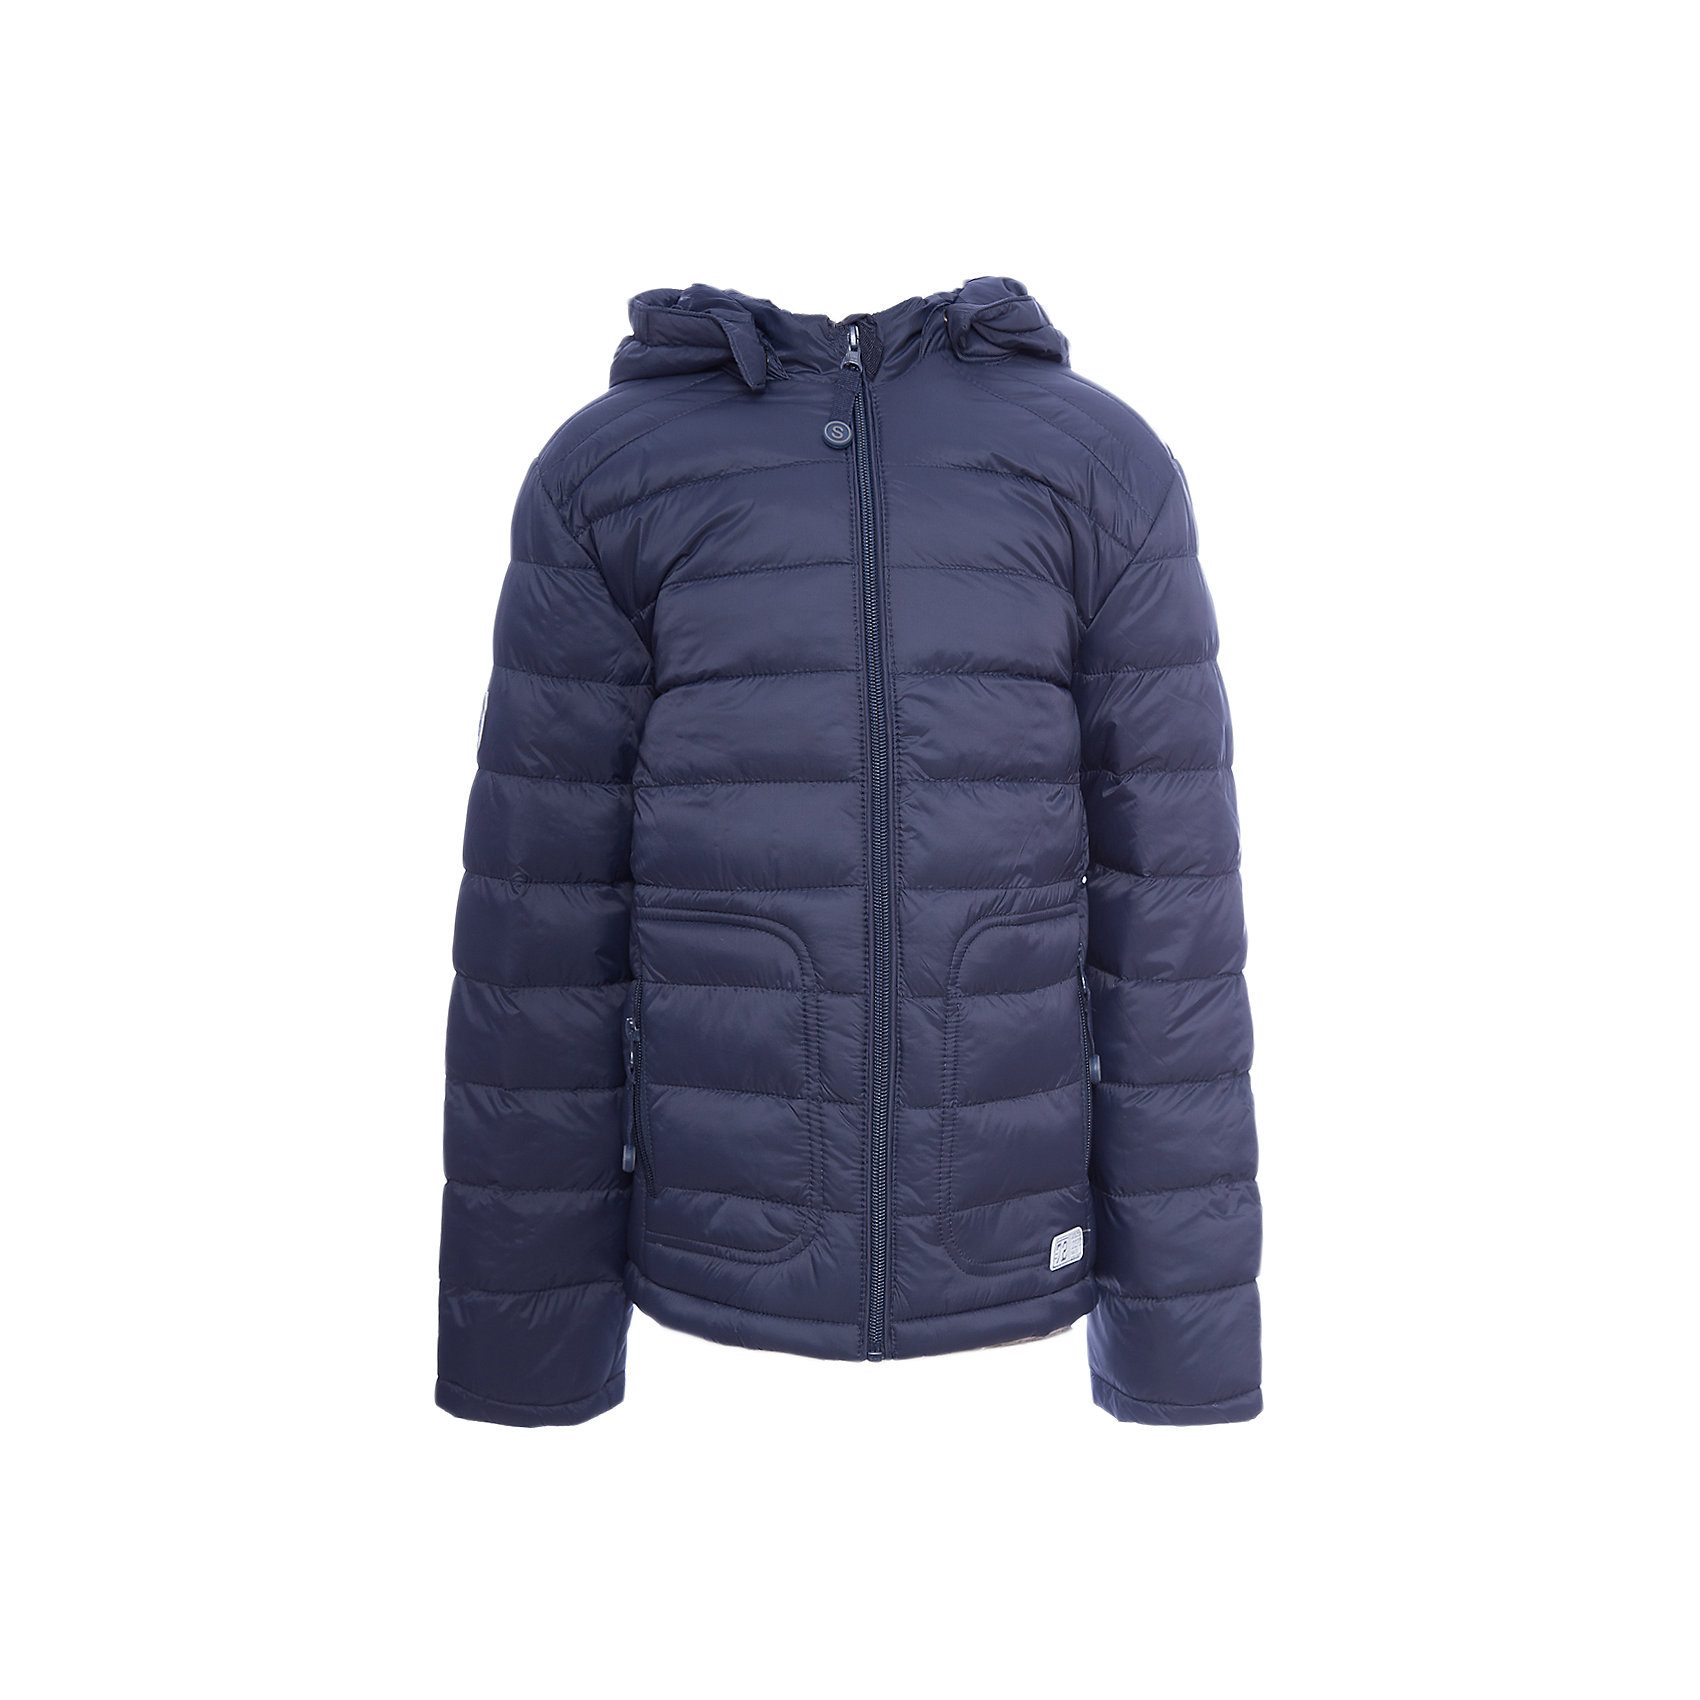 Куртка для мальчика ScoolВерхняя одежда<br>Куртка для мальчика Scool<br>Практичная утепленная куртка с капюшоном из ткани со специальной водоотталкивающей пропиткой защитит ребенка в любую погоду! Капюшон закреплен на удобных застежках - кнопках, дополнительно снабжен мягкими резинками - даже в активной игре капюшон не упадет с головы ребенка. Специальный карман для фиксации бегунка на молнии не позволит застежке травмировать нежную детскую кожу.Преимущества: Ткань с водоотталкивающей пропиткойЗащита подбородка. Специальный карман для фиксации бегунка на молнии не позволит застежке травмировать нежную детскую кожуСветоотражающие элементы на рукаве и по низу изделия<br>Состав:<br>Верх: 100% нейлон, подкладка: 100% полиэстер, наполнитель: 100% полиэстер, 100 г/м2<br><br>Ширина мм: 356<br>Глубина мм: 10<br>Высота мм: 245<br>Вес г: 519<br>Цвет: полуночно-синий<br>Возраст от месяцев: 156<br>Возраст до месяцев: 168<br>Пол: Мужской<br>Возраст: Детский<br>Размер: 164,128,134,140,146,152,158<br>SKU: 6754364